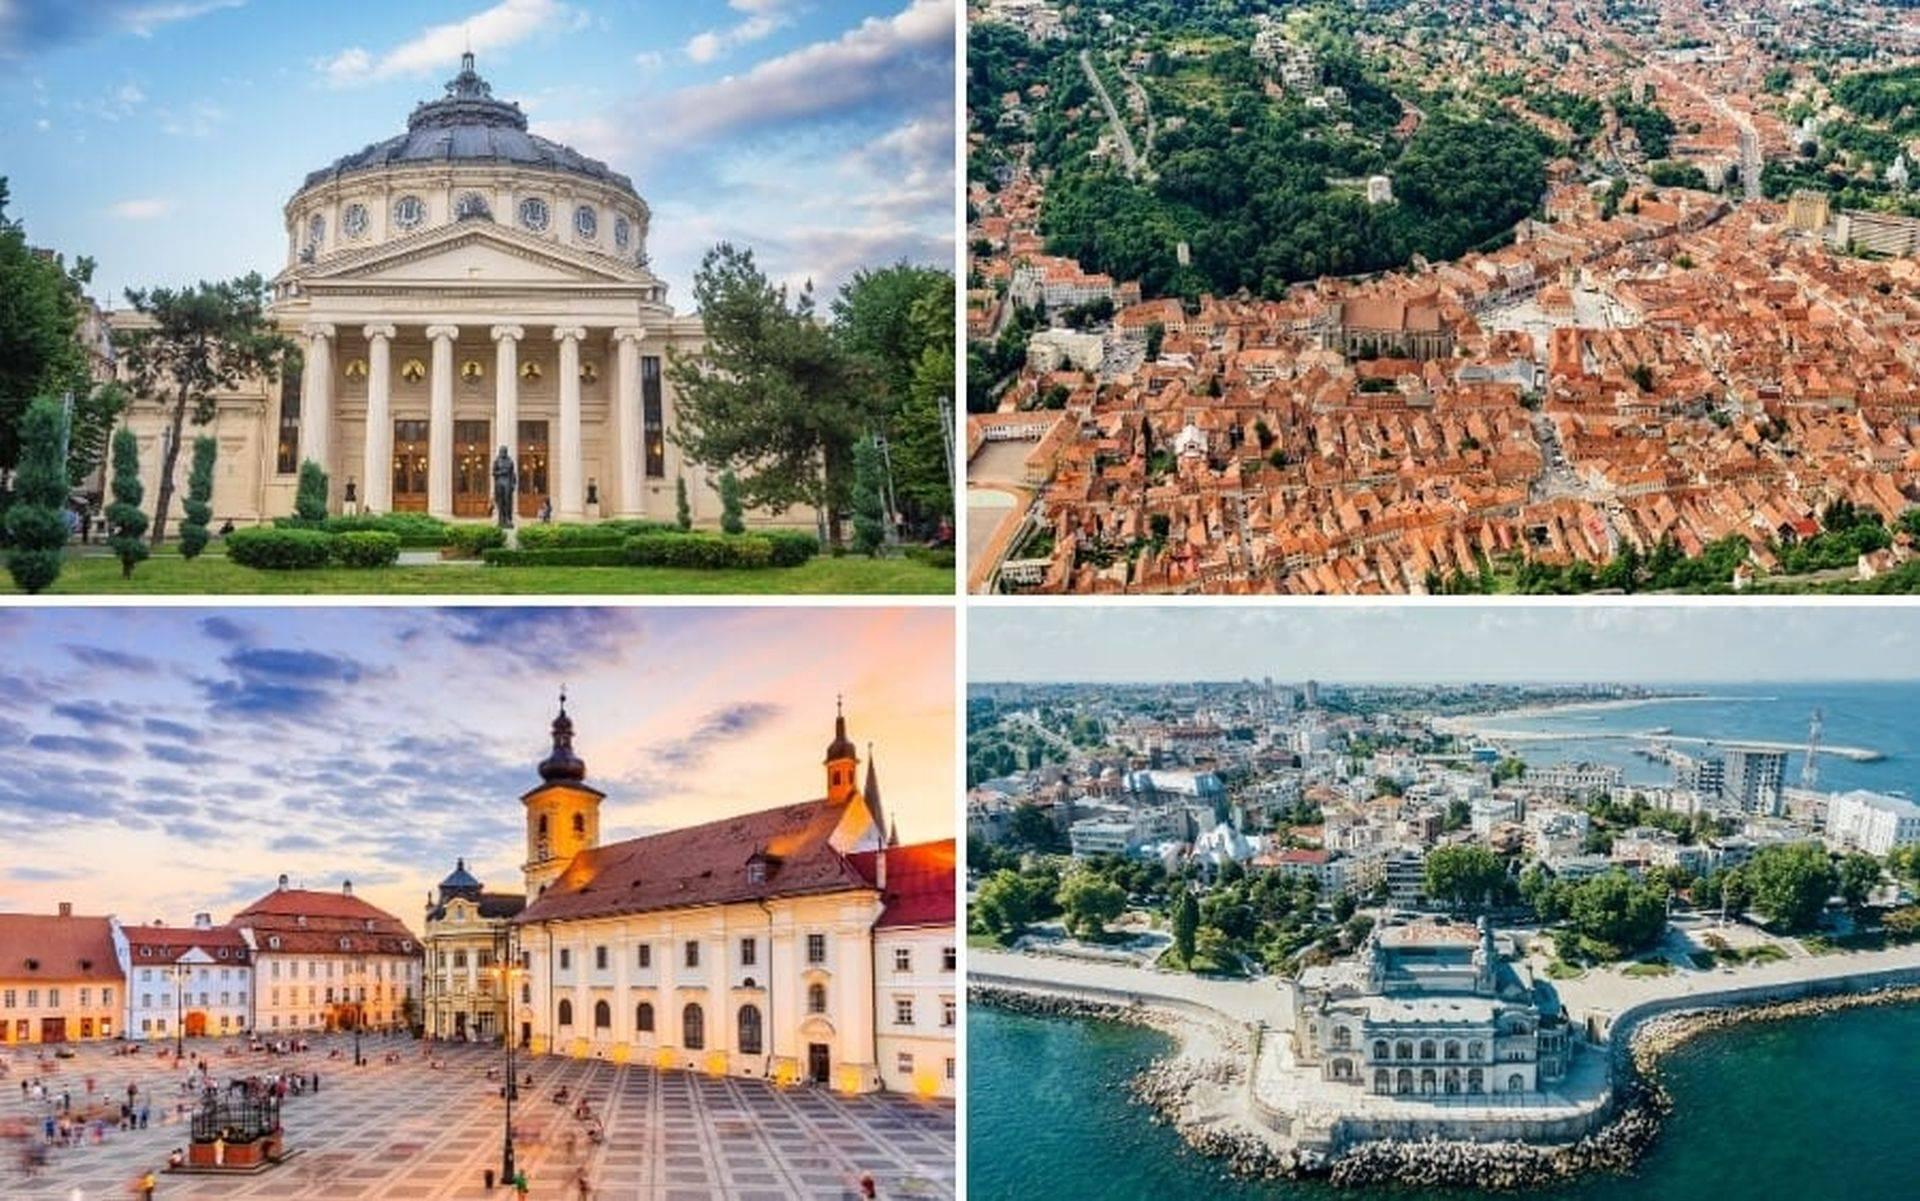 Cel mai sigur oras din România. La nivel mondial ocupă locul 14 la acest capitol